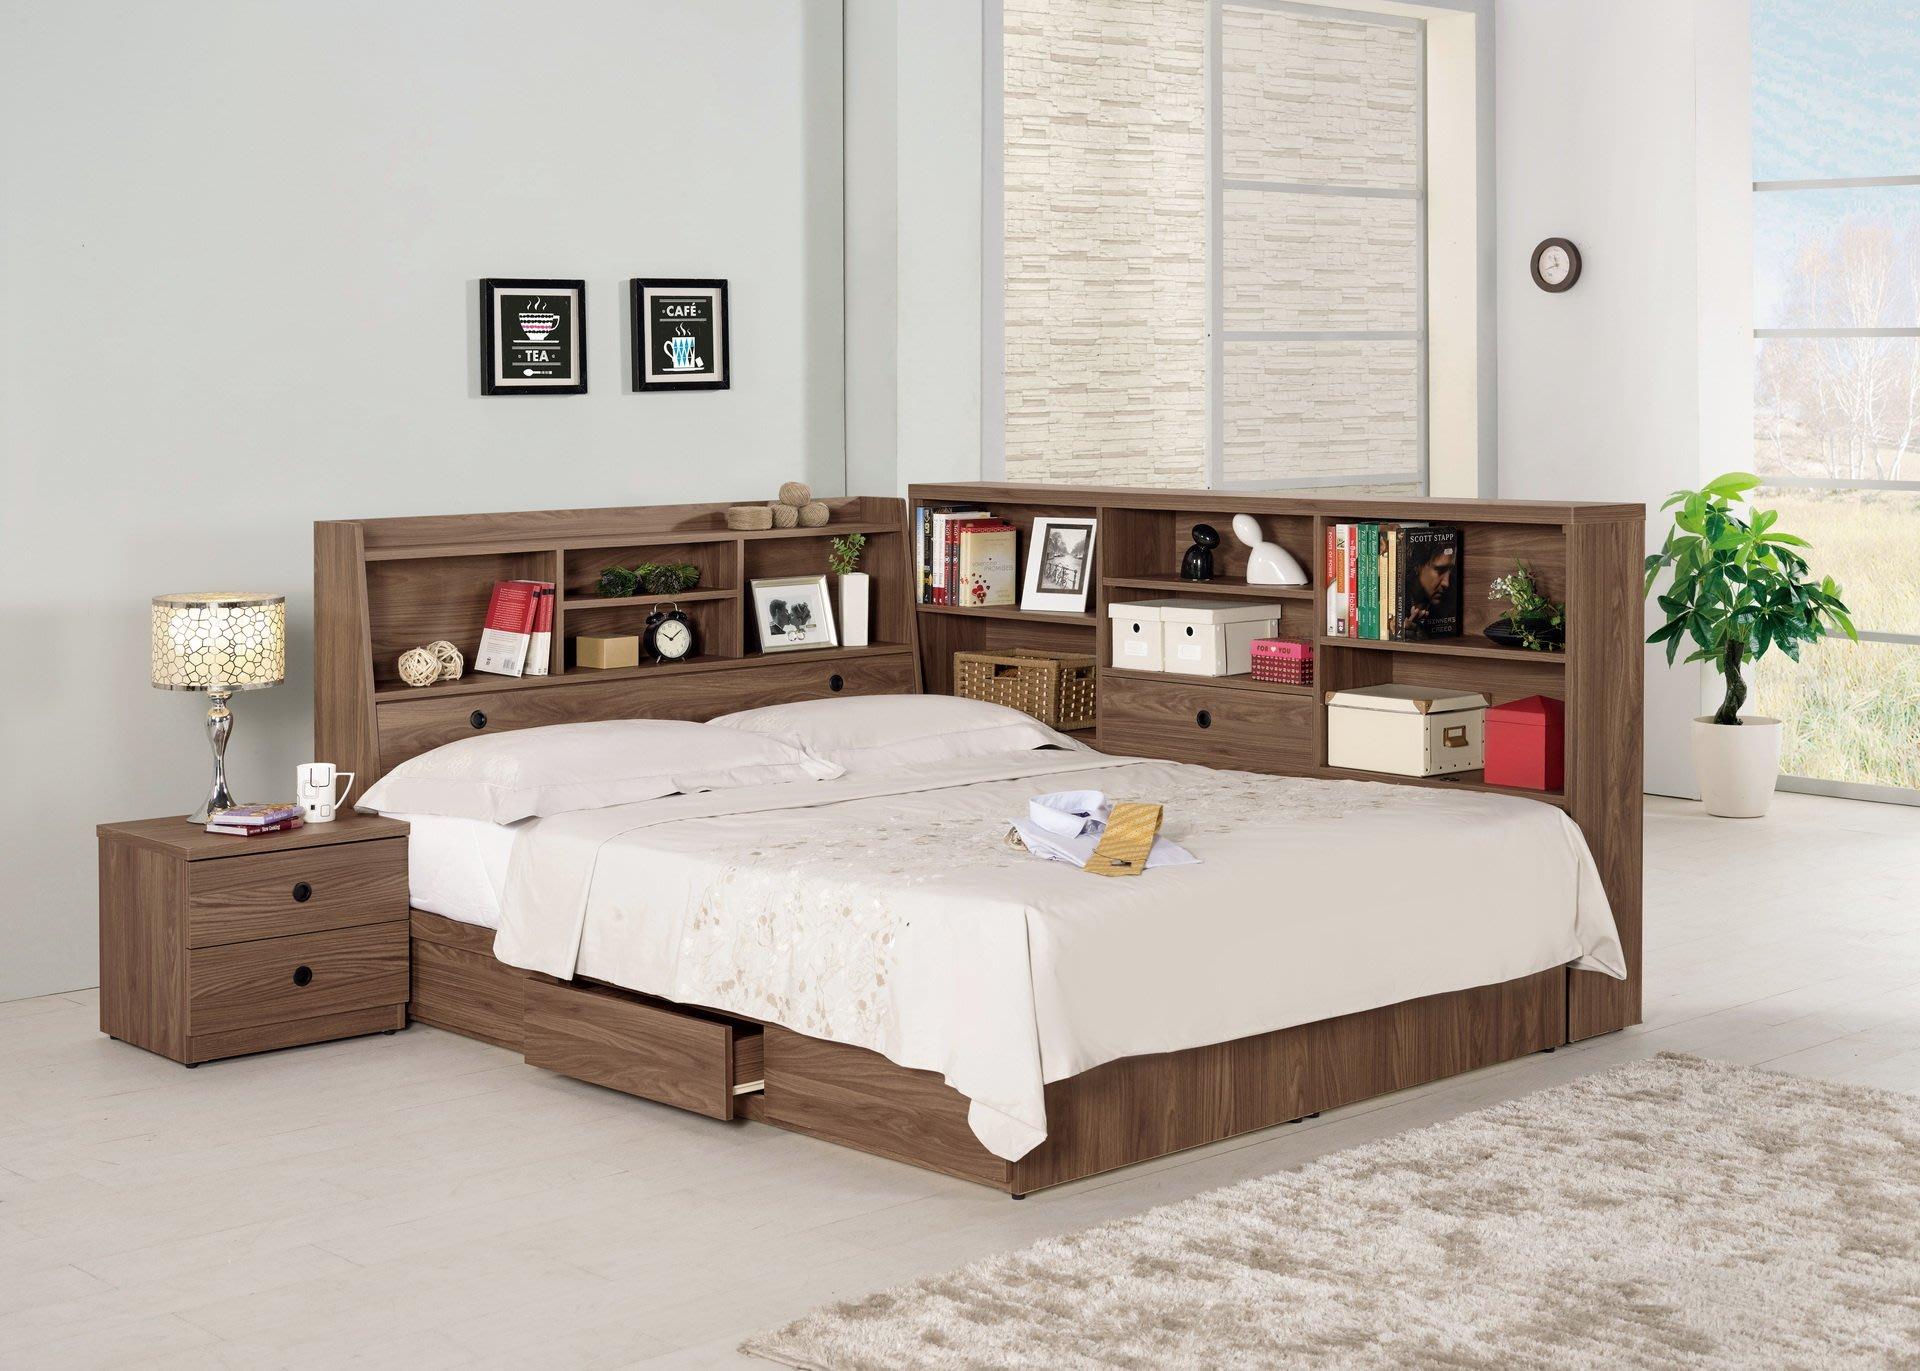 ☆[新荷手作] 20C138 ☆書架型5尺雙人床組(四件組-可拆買) 床架